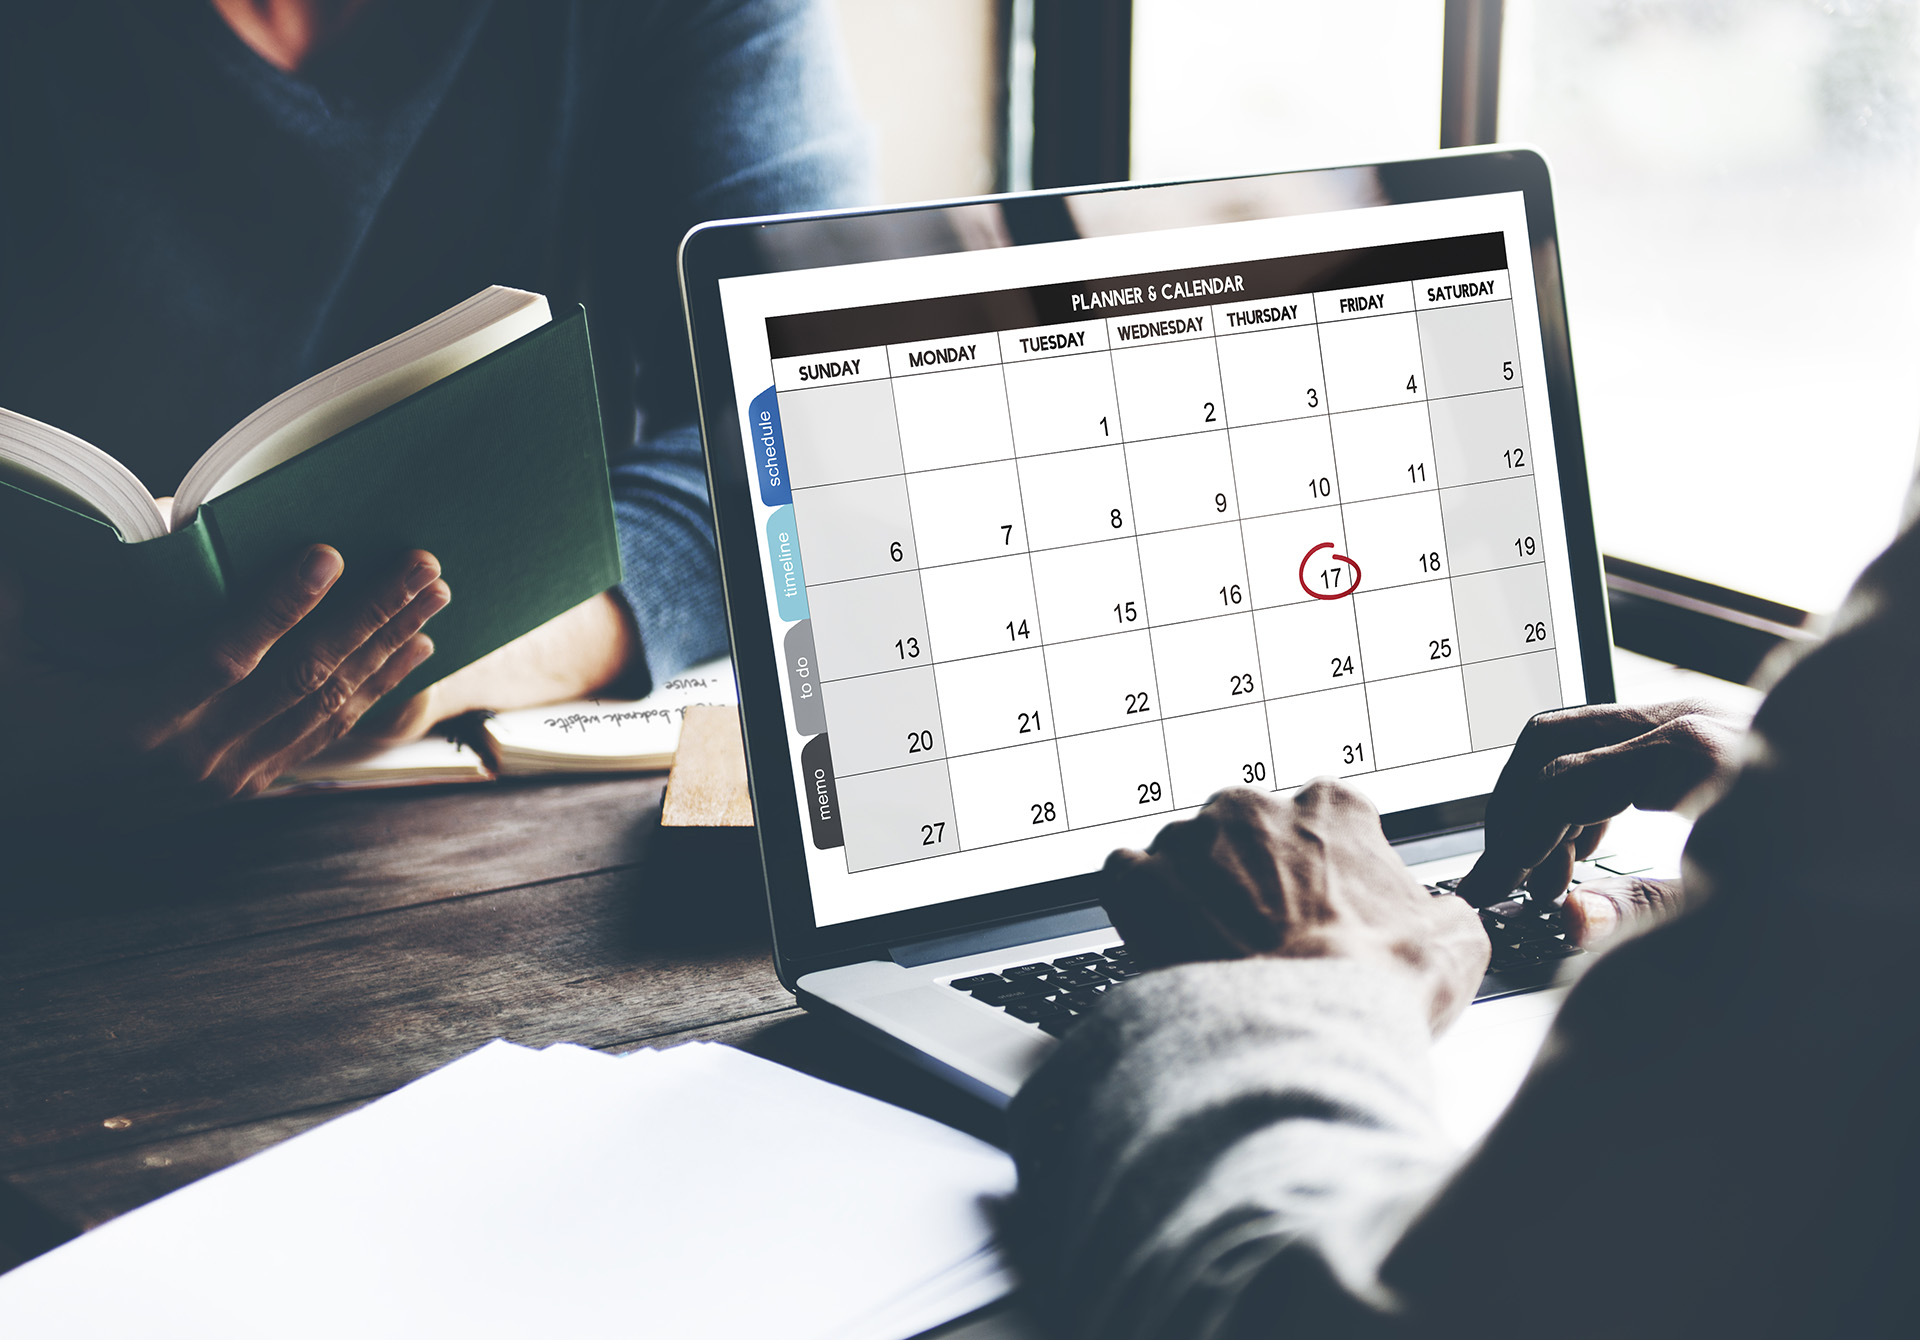 Календарь в input для ввода даты